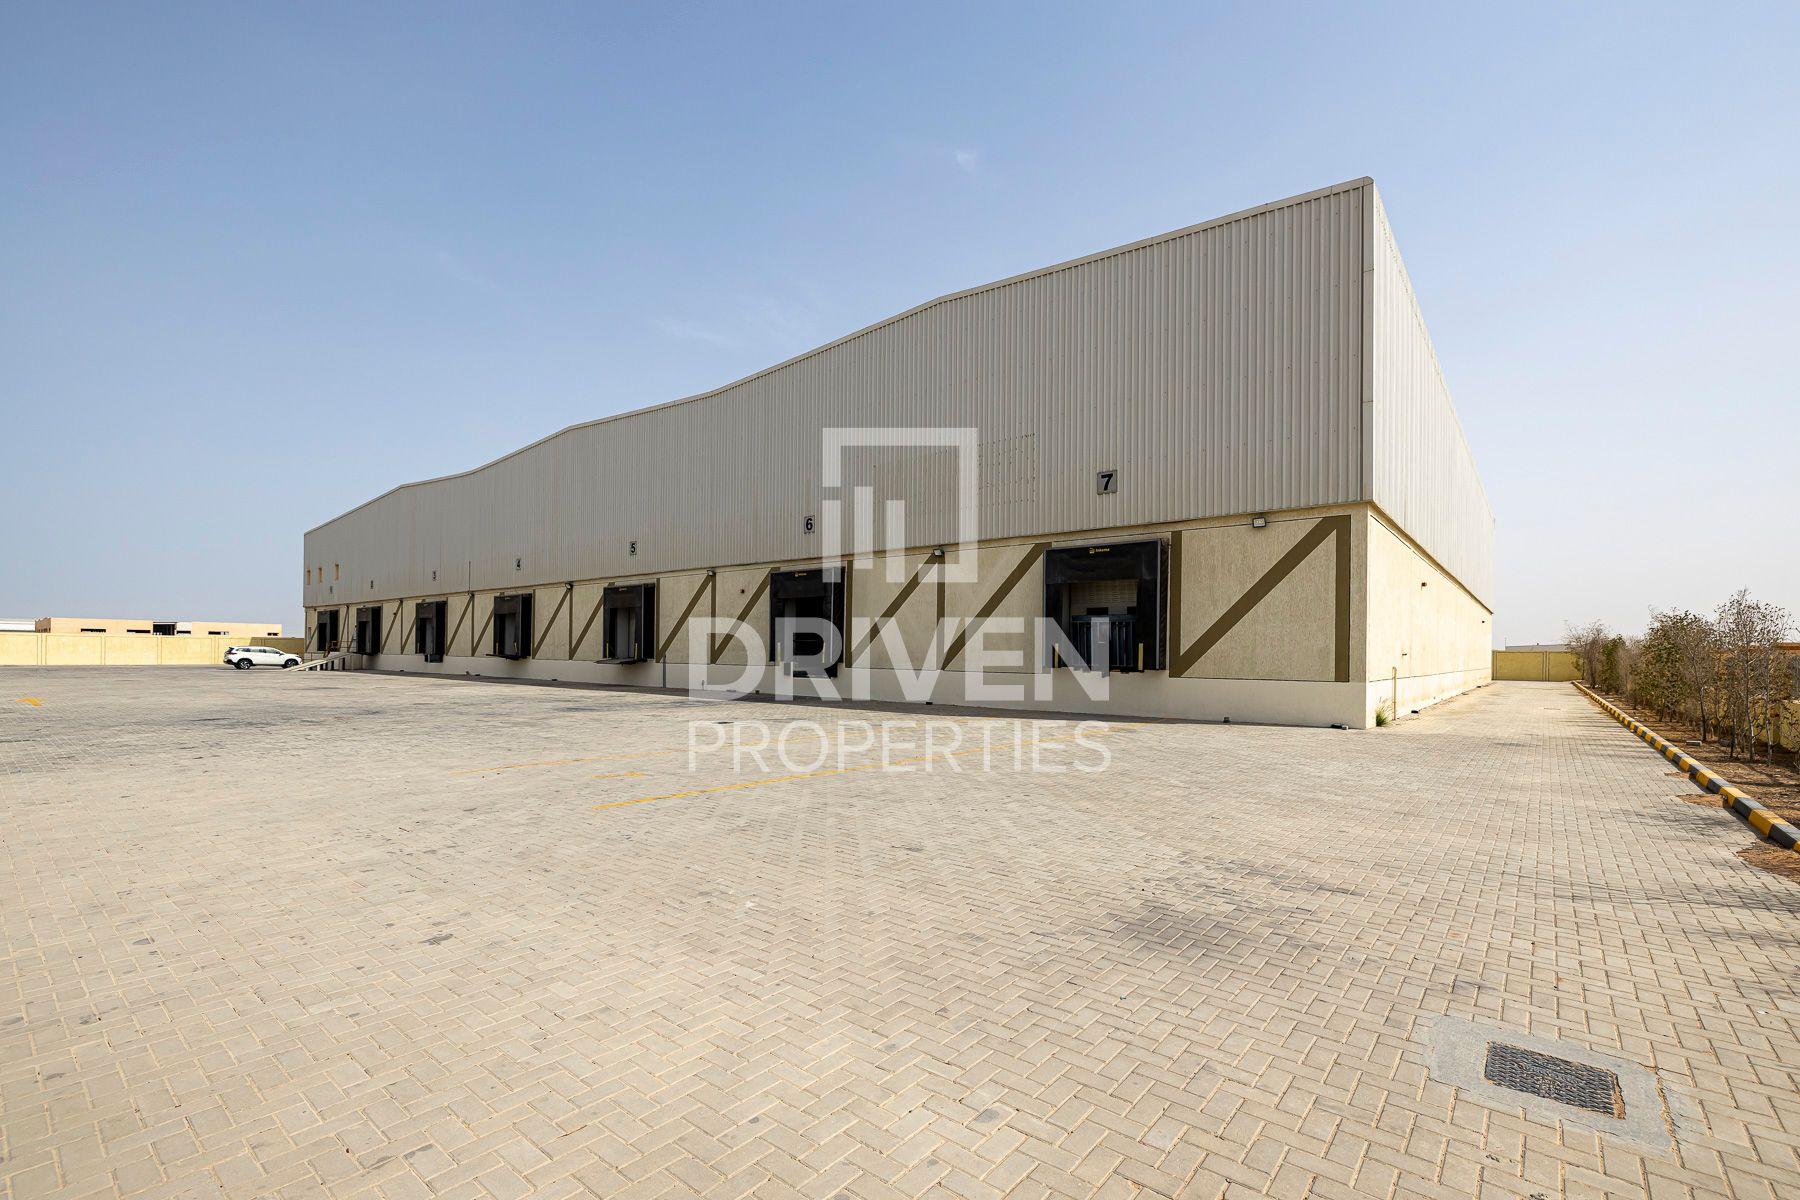 51,521 قدم مربع  مستودع - للبيع - حديقة دبي الصناعية